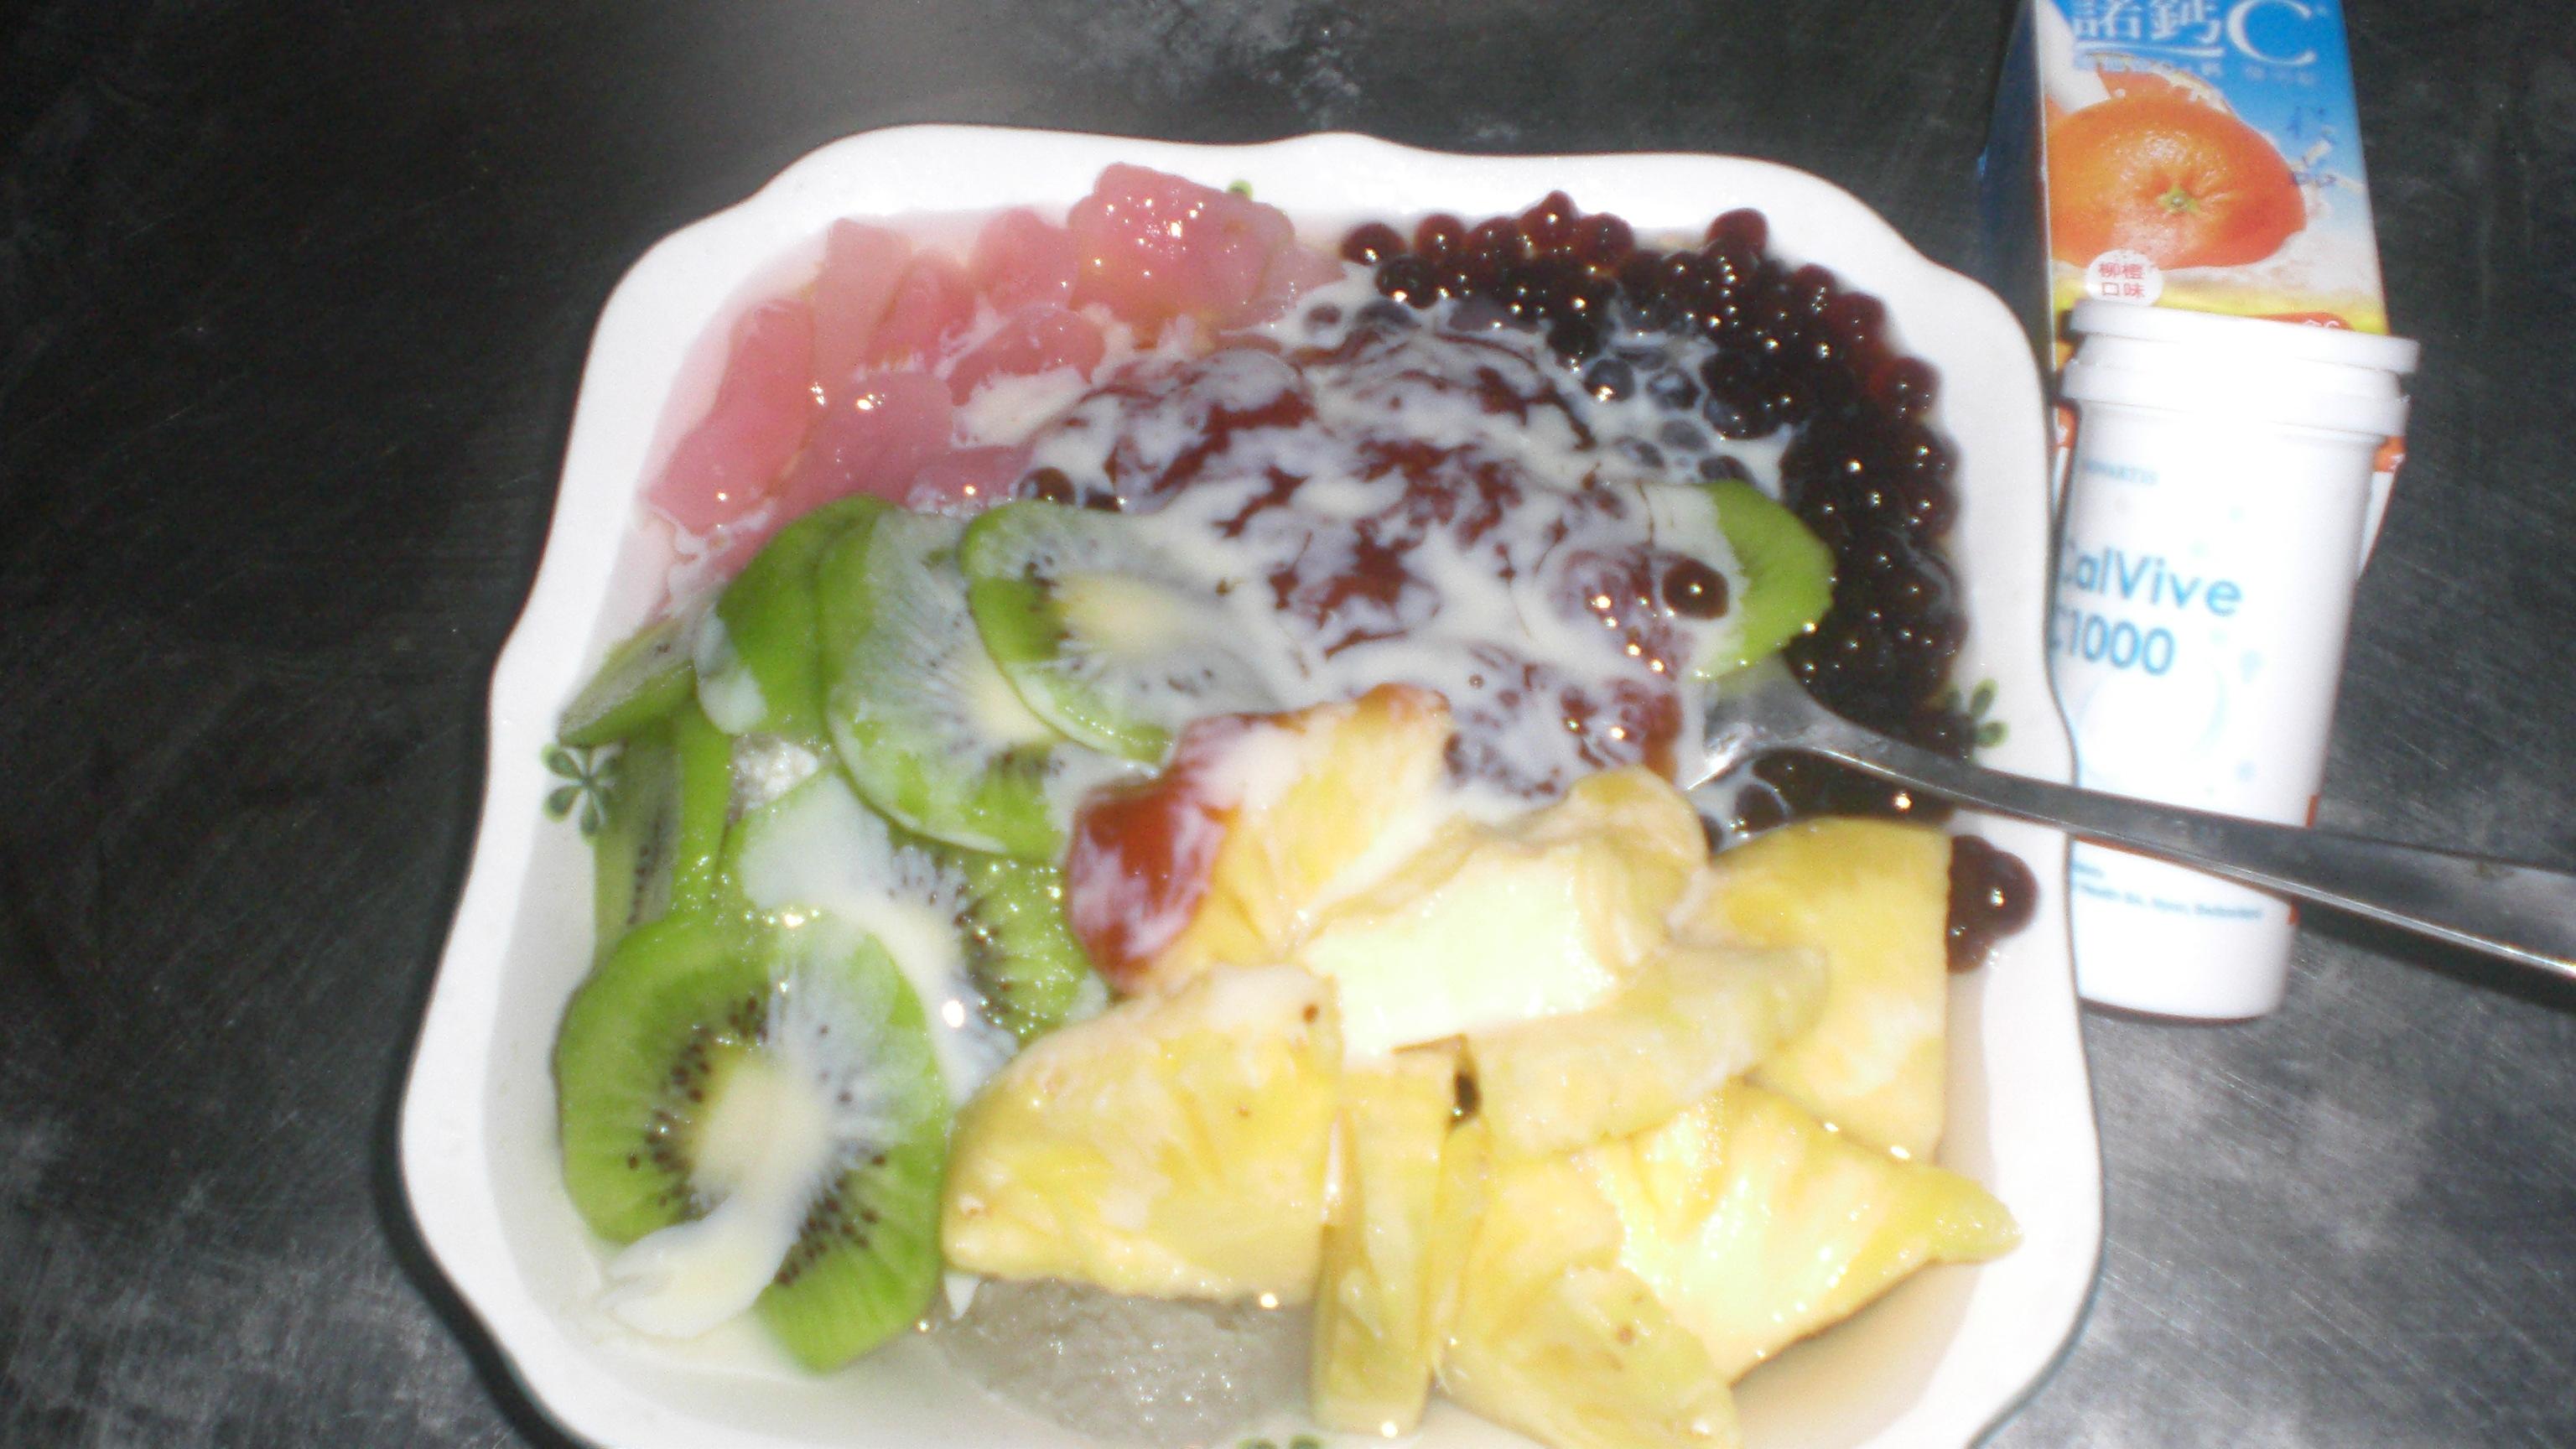 粉圓水果剉冰 『諾鈣C發泡錠』